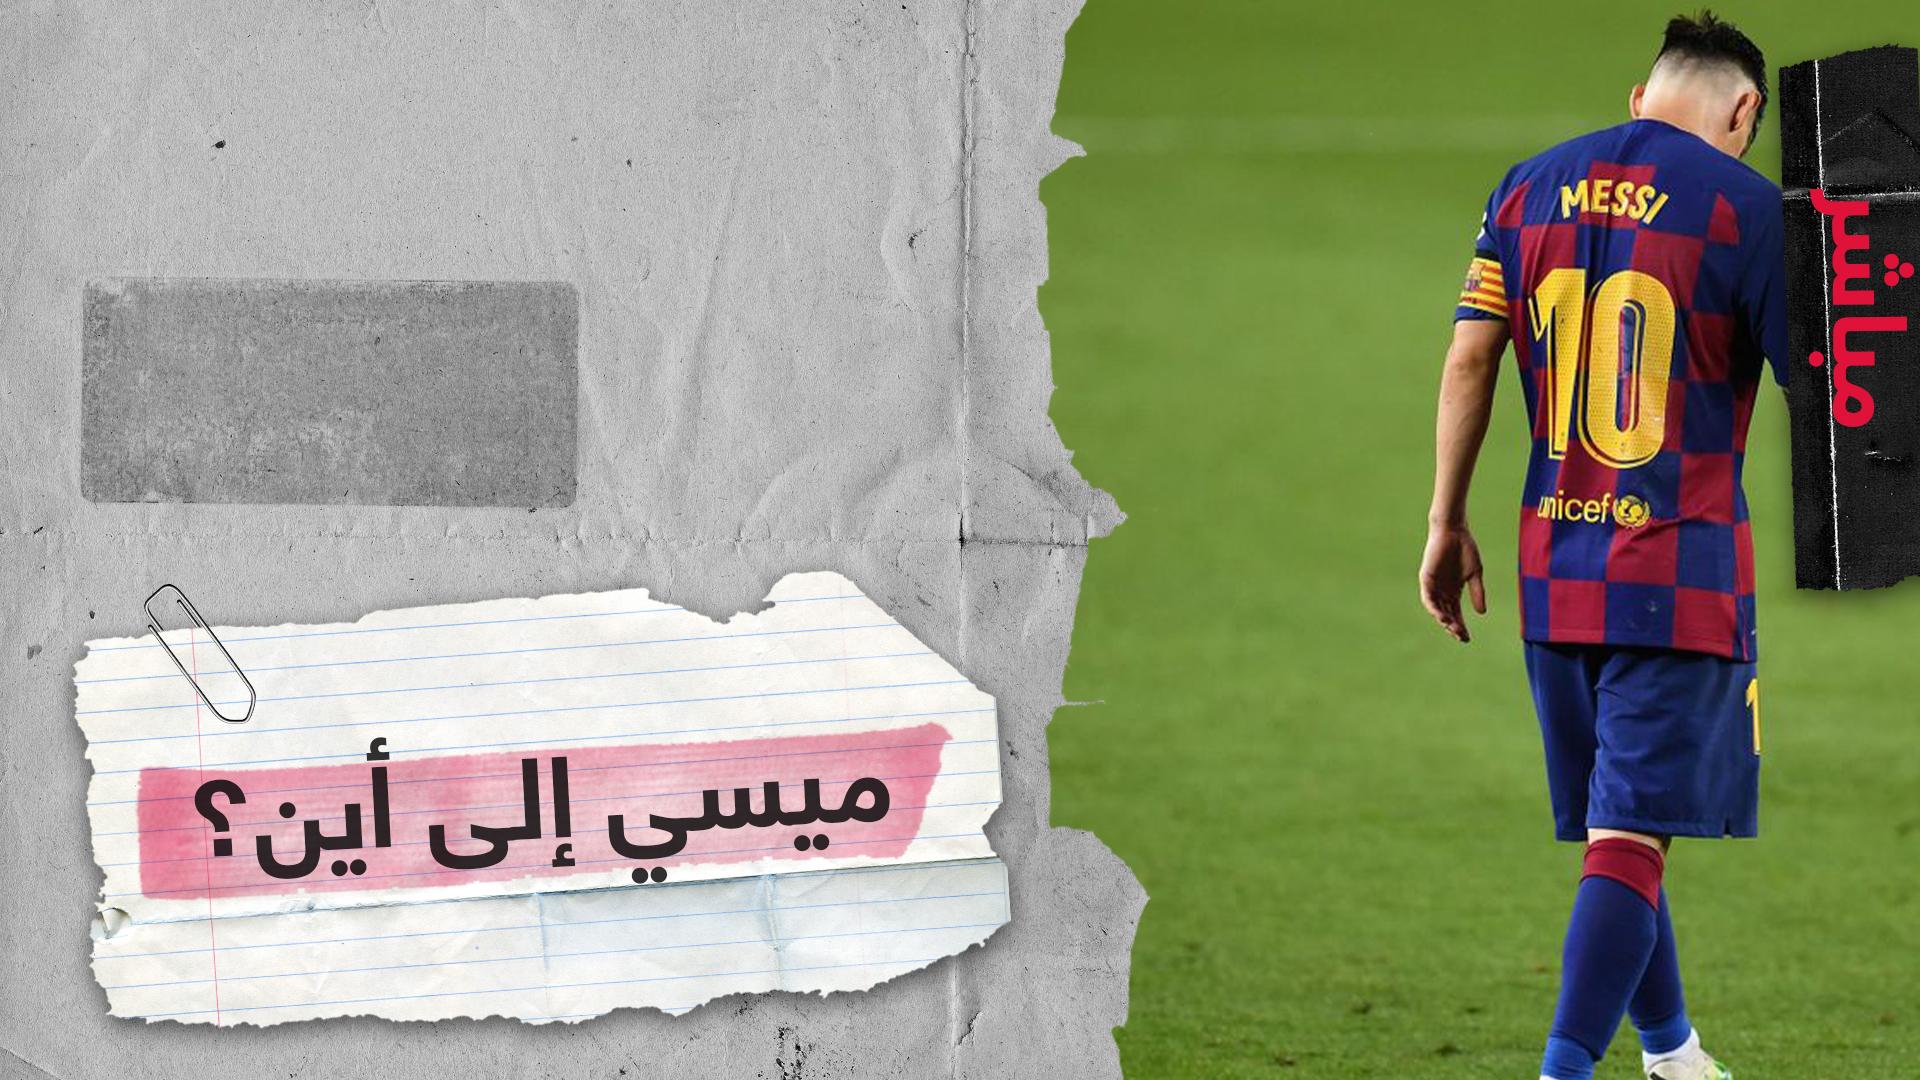 أخباره شغلت جماهير الكرة حول العالم إلى أين سيغادر ميسي فريق برشلونة؟